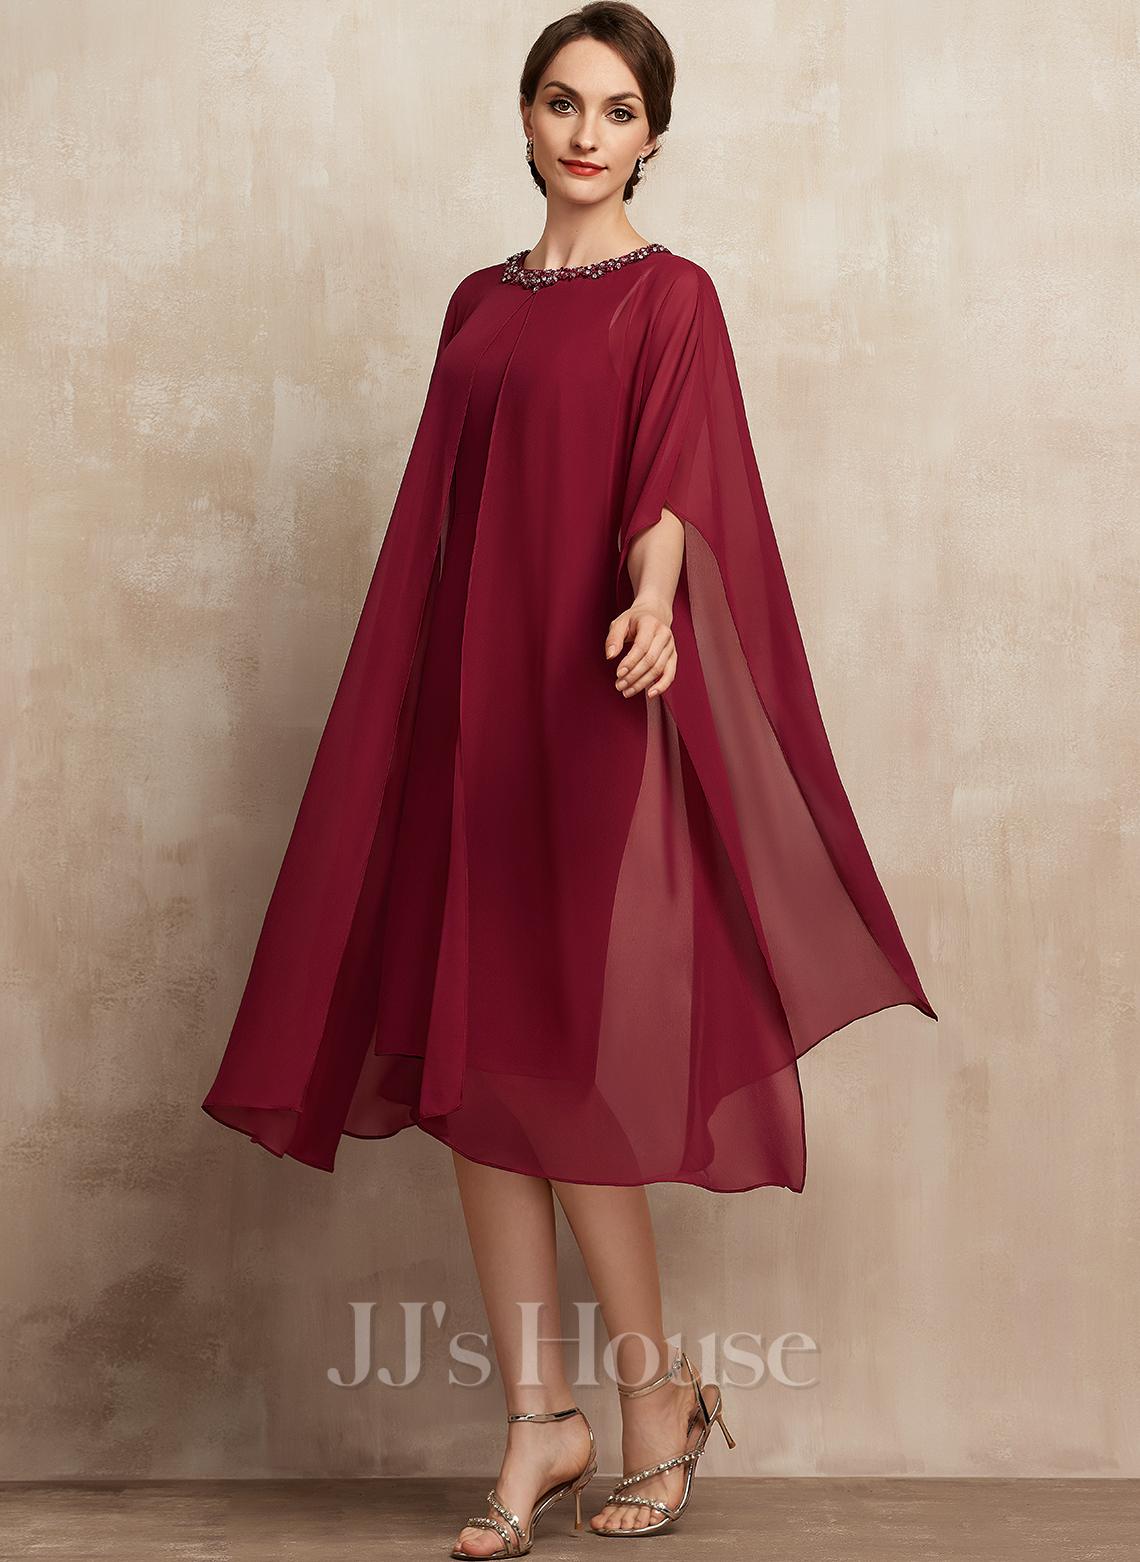 Çan Yuvarlak Yaka Diz Hizası Şifon Gelin Annesi Elbisesi Ile boncuklu kısım Payetler